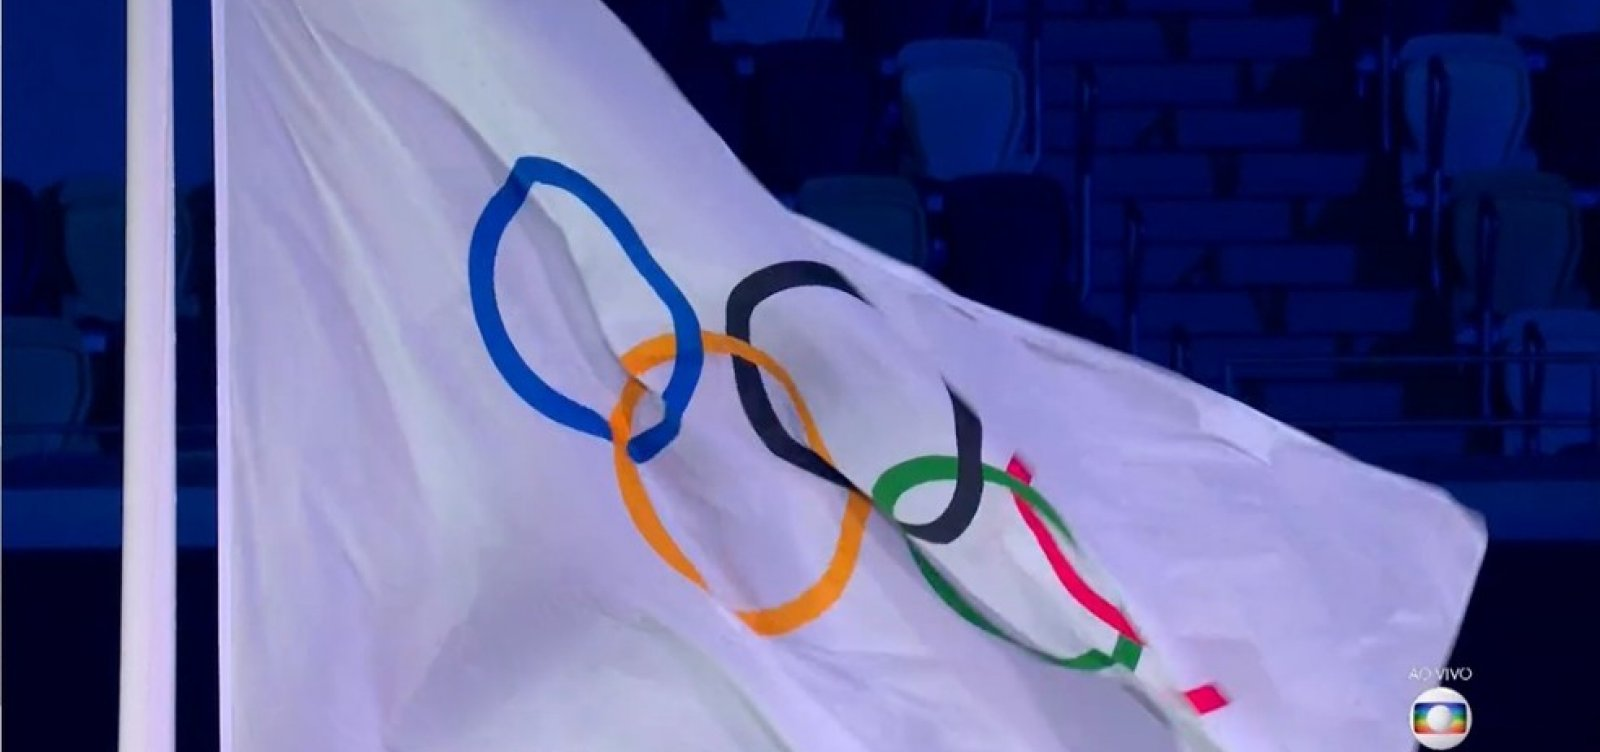 Trabalhadores das Olimpíadas são maioria dos infectados pela Covid durante evento